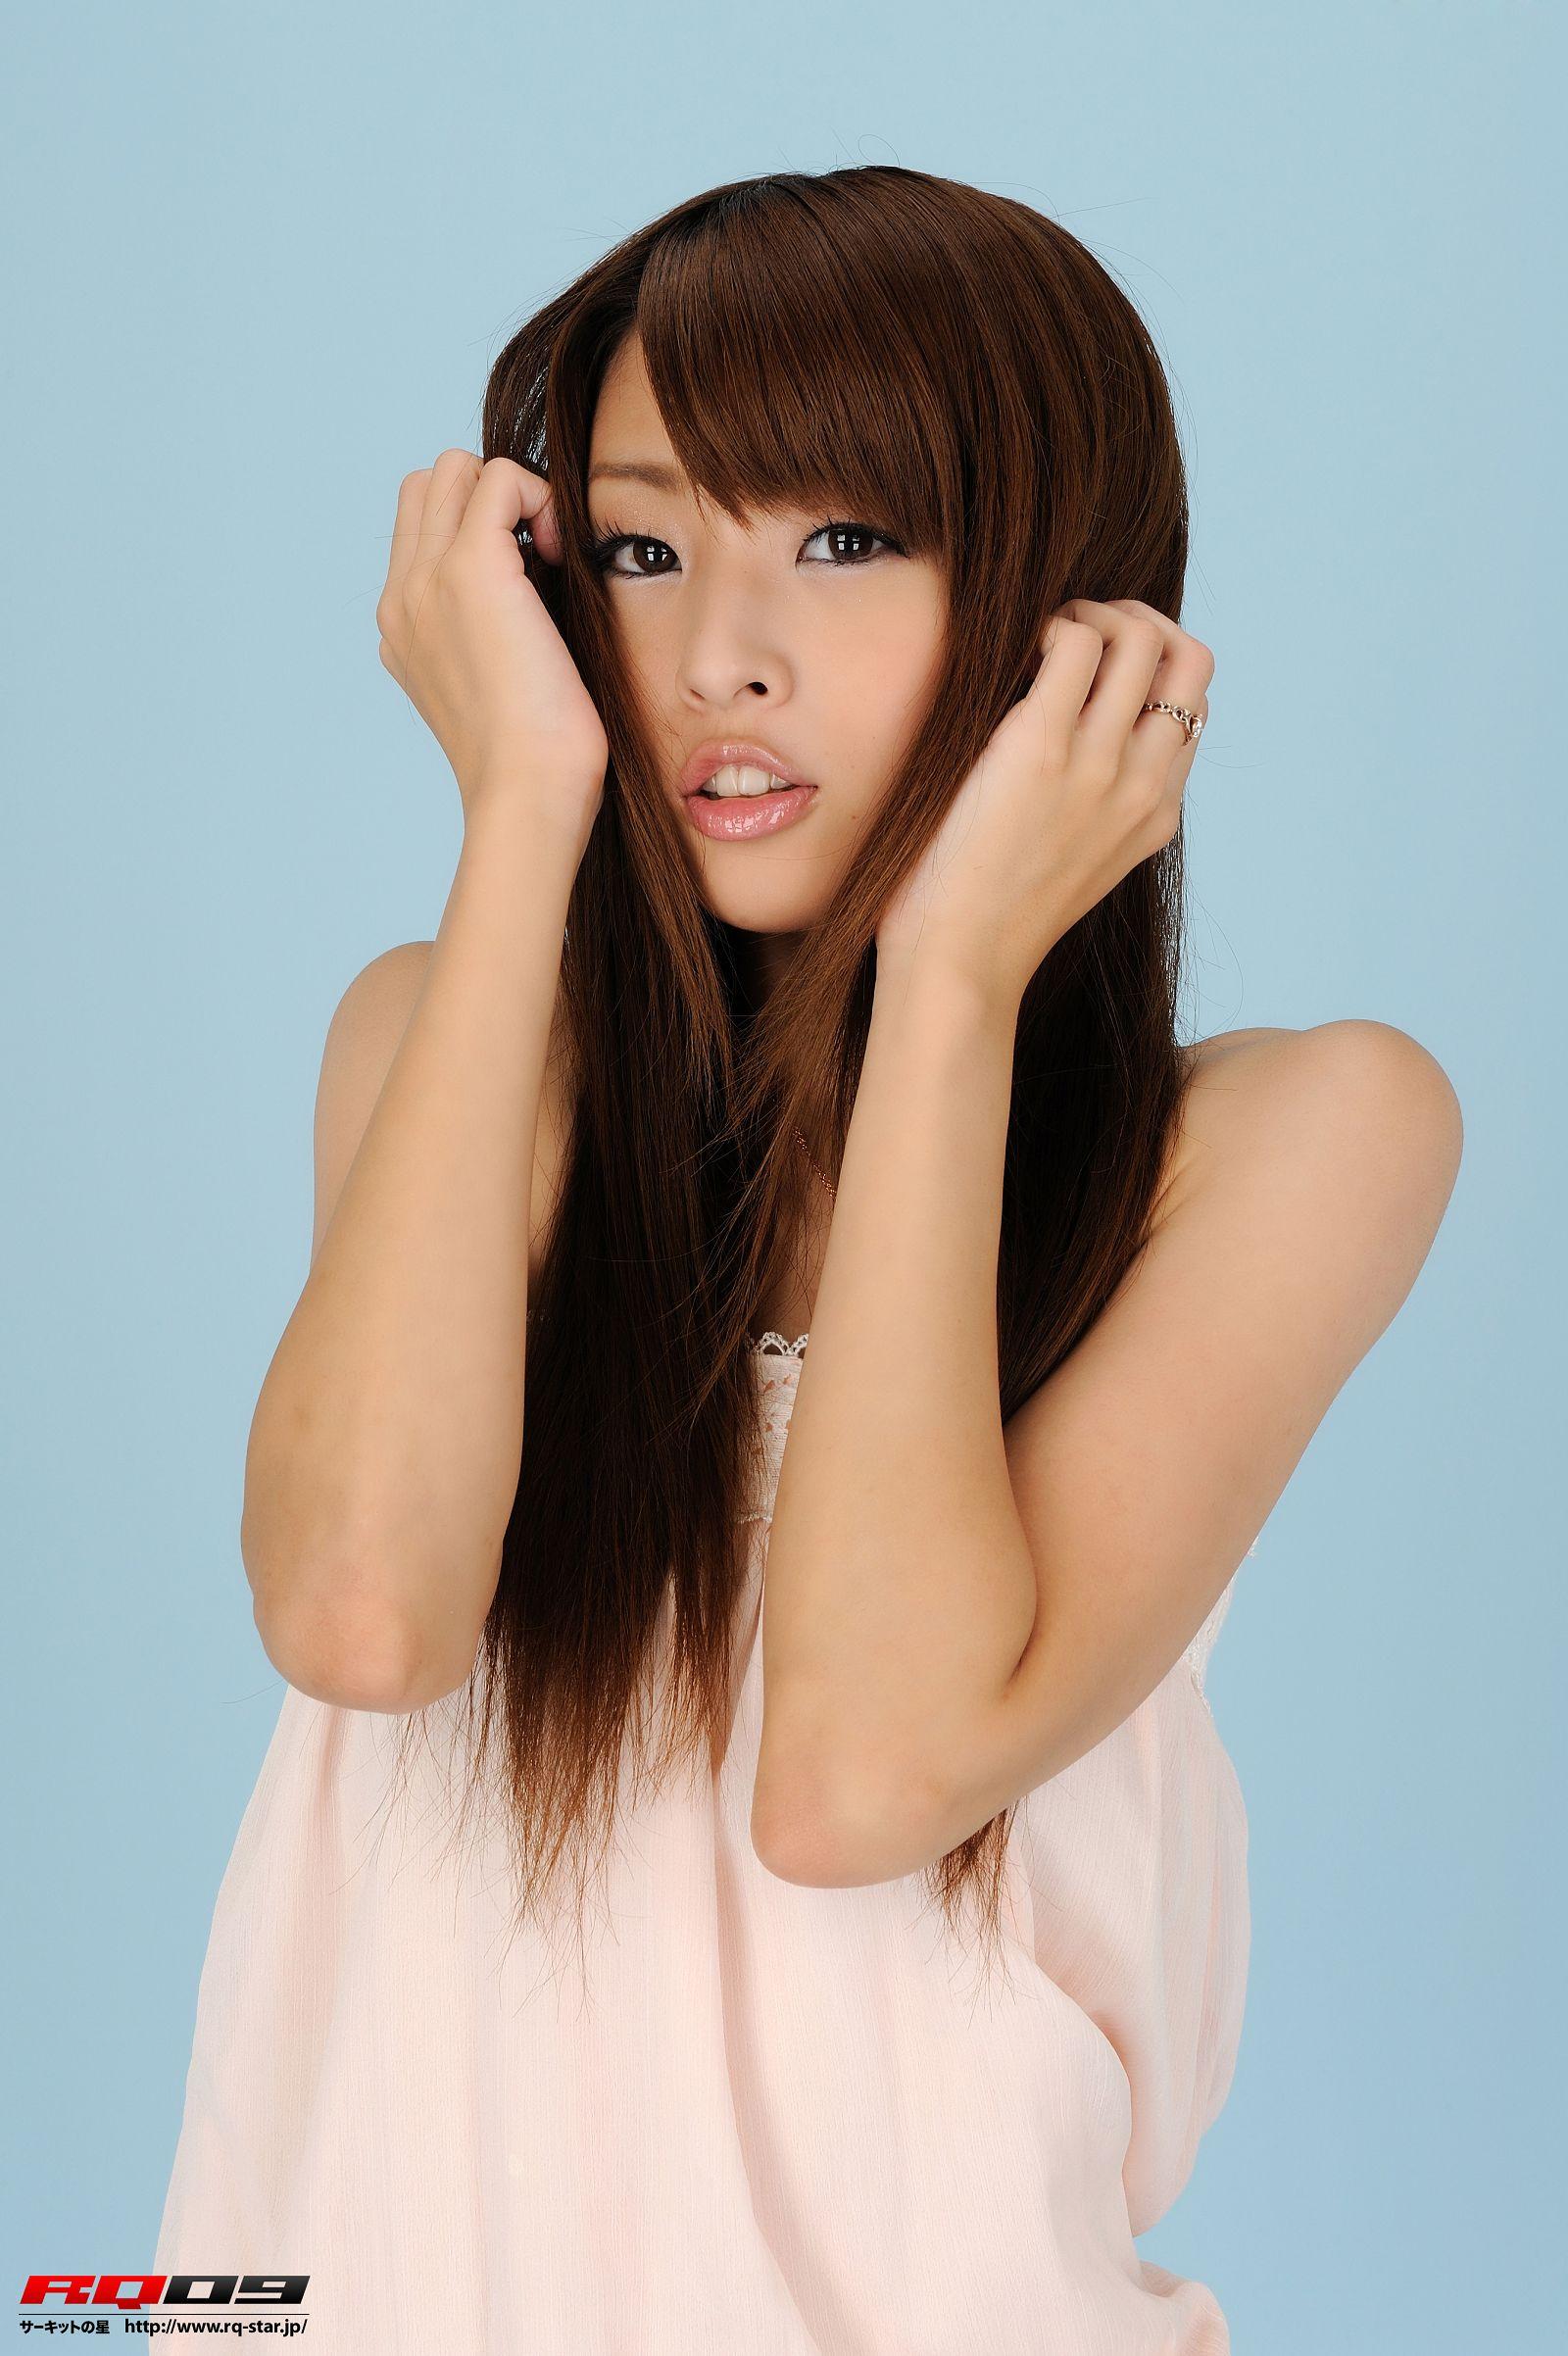 [RQ STAR美女] NO.0175 Mirei Kurosawa 鼪g美怜 Private Dress[130P] RQ STAR 第2张